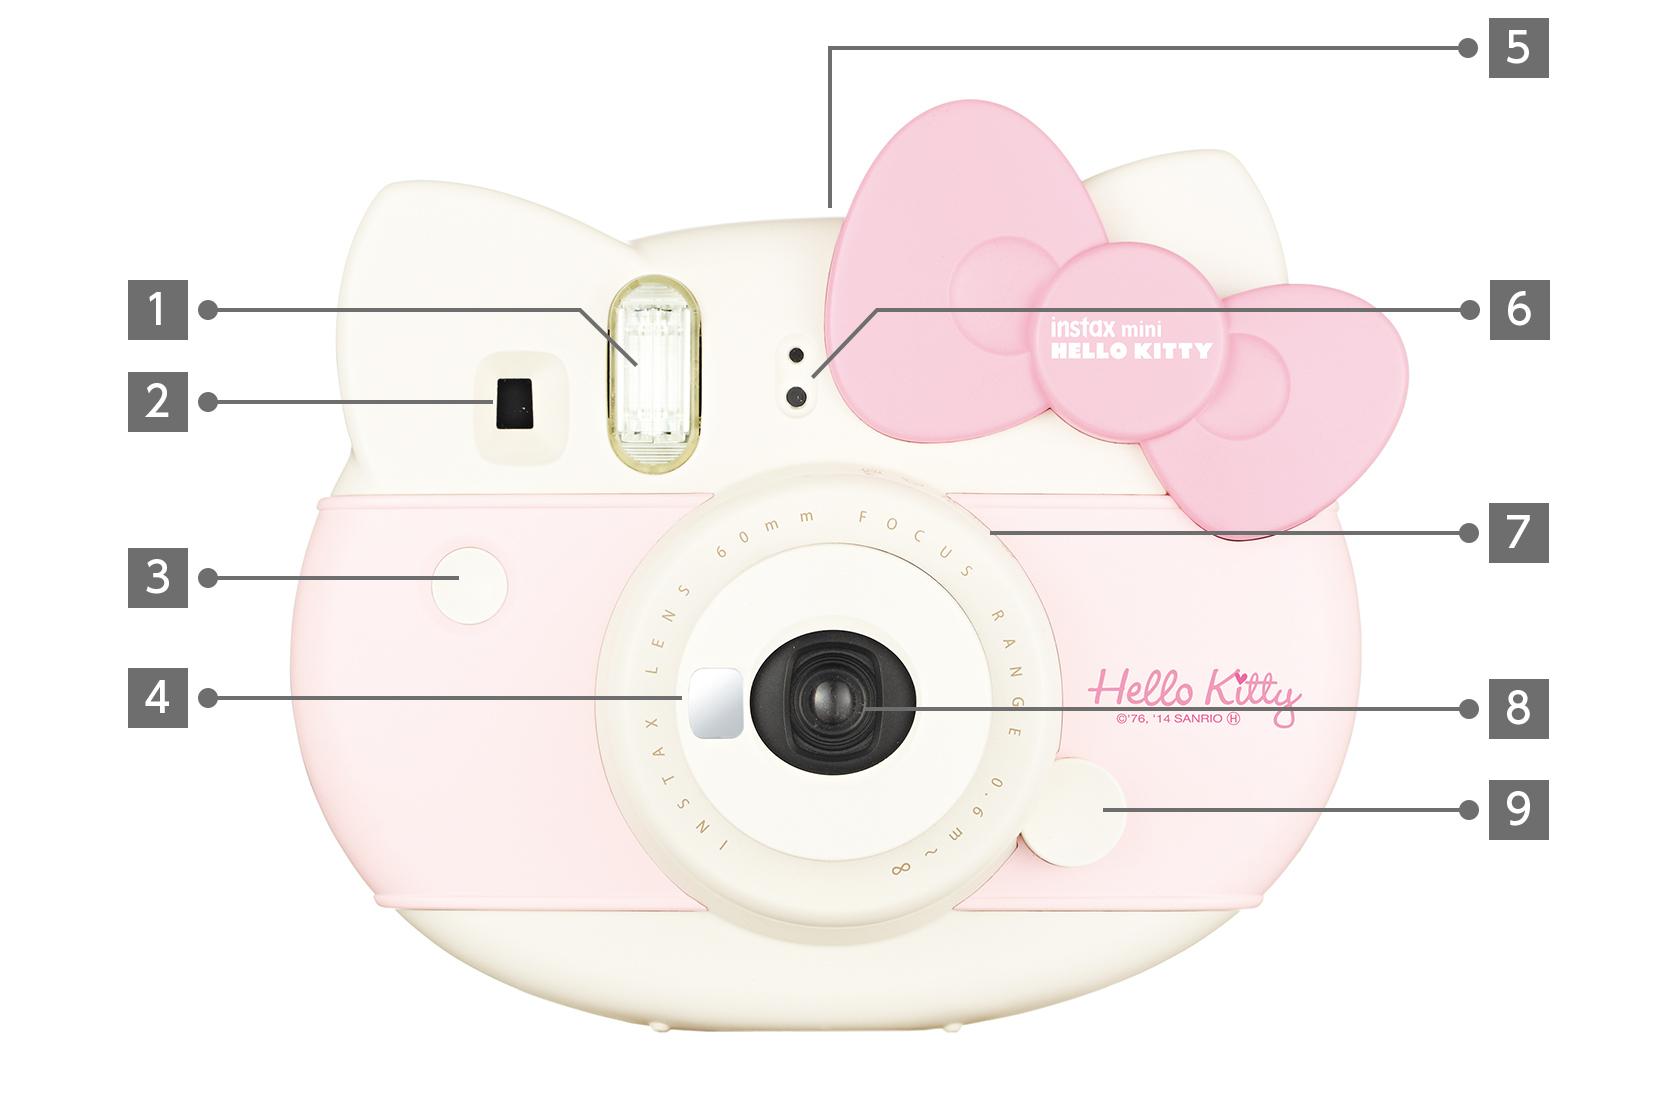 [사진] 1~9로 표시된 다양한 구성품이 있는 화이트 및 핑크 인스탁스 미니 헬로키티 카메라의 정면도